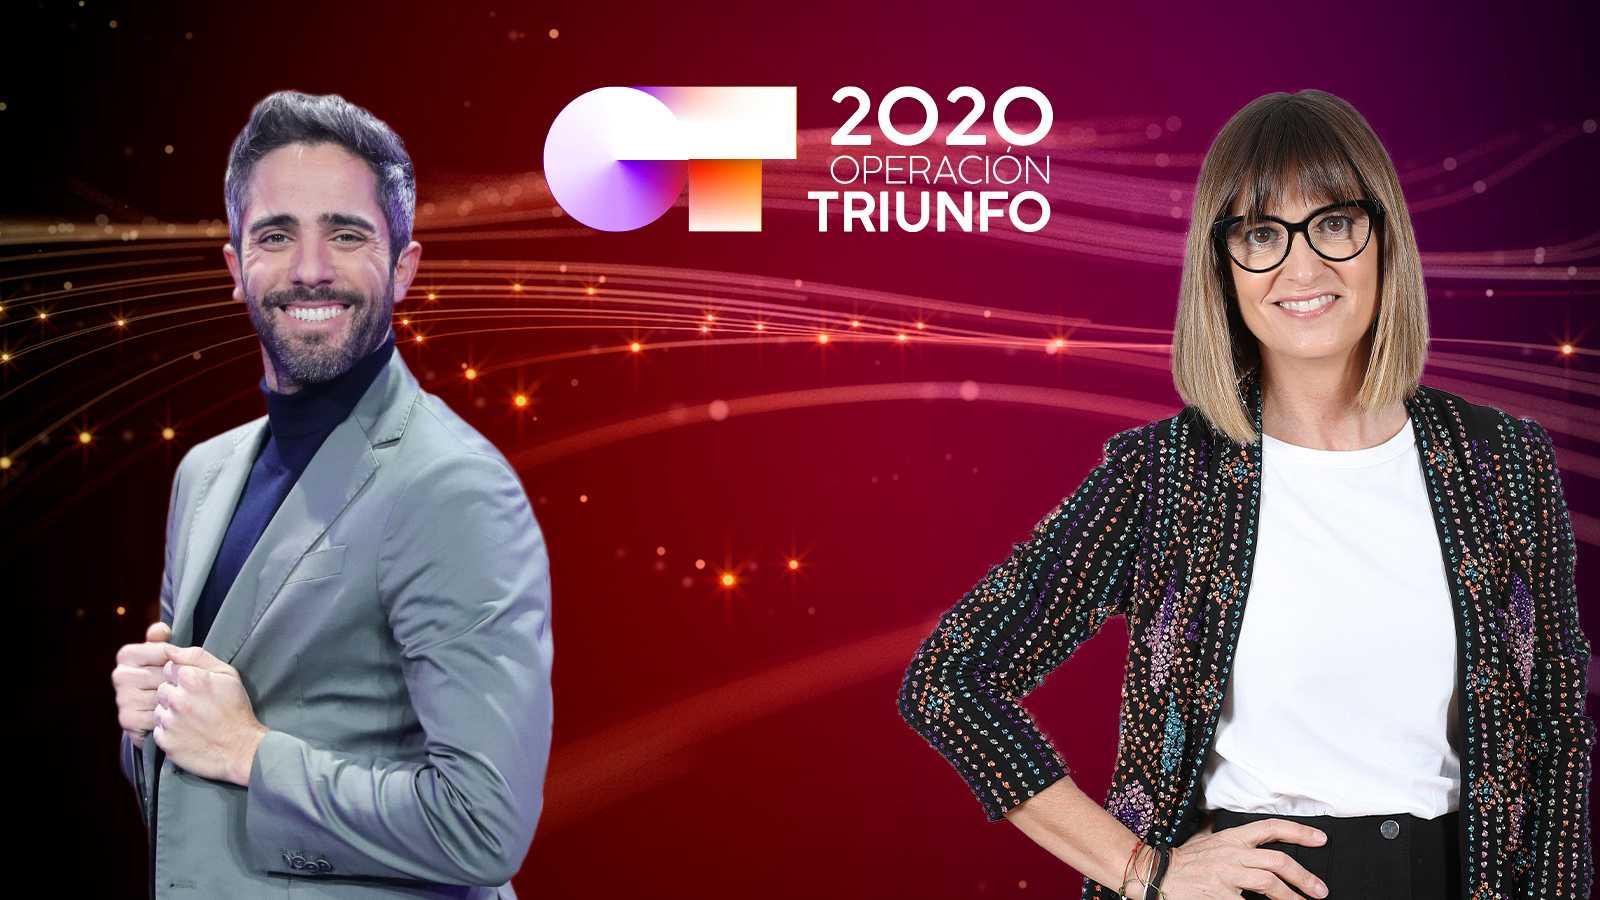 Noemí Galera y Roberto Leal charlan sobre la vuelta de OT 2020